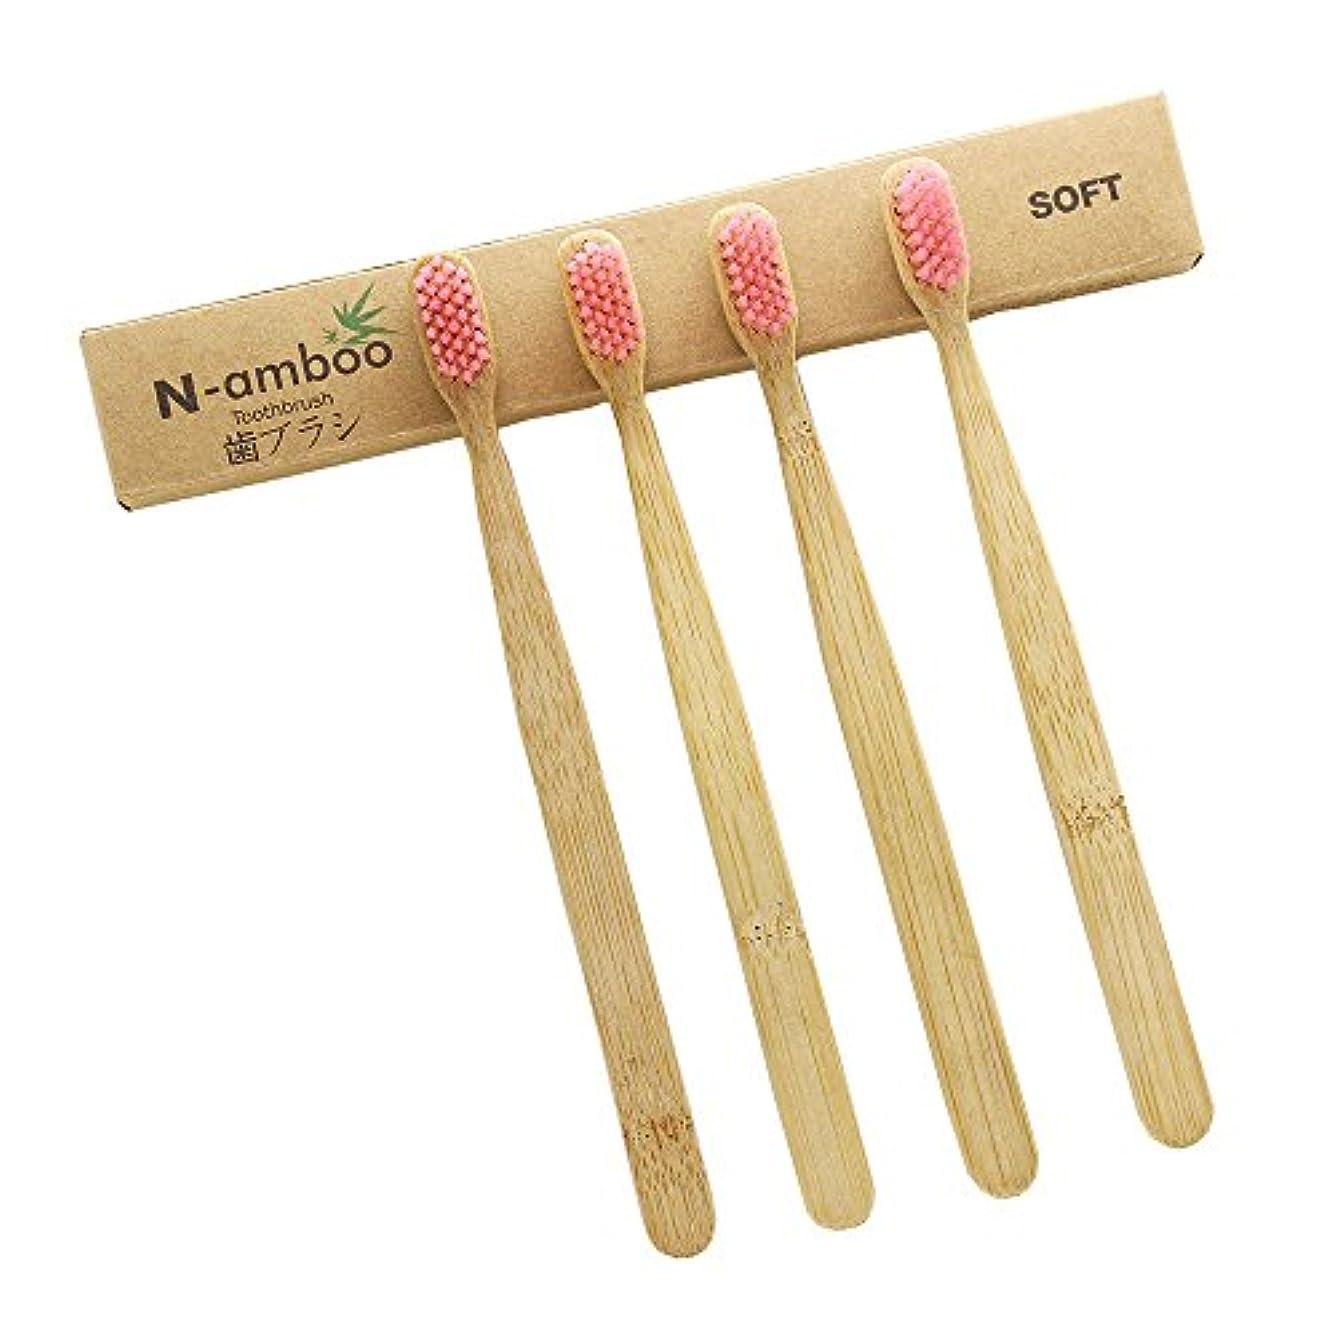 グローバル熟達相対性理論N-amboo 竹製 歯ブラシ 高耐久性 ピンク エコ 色あざやか (4本)